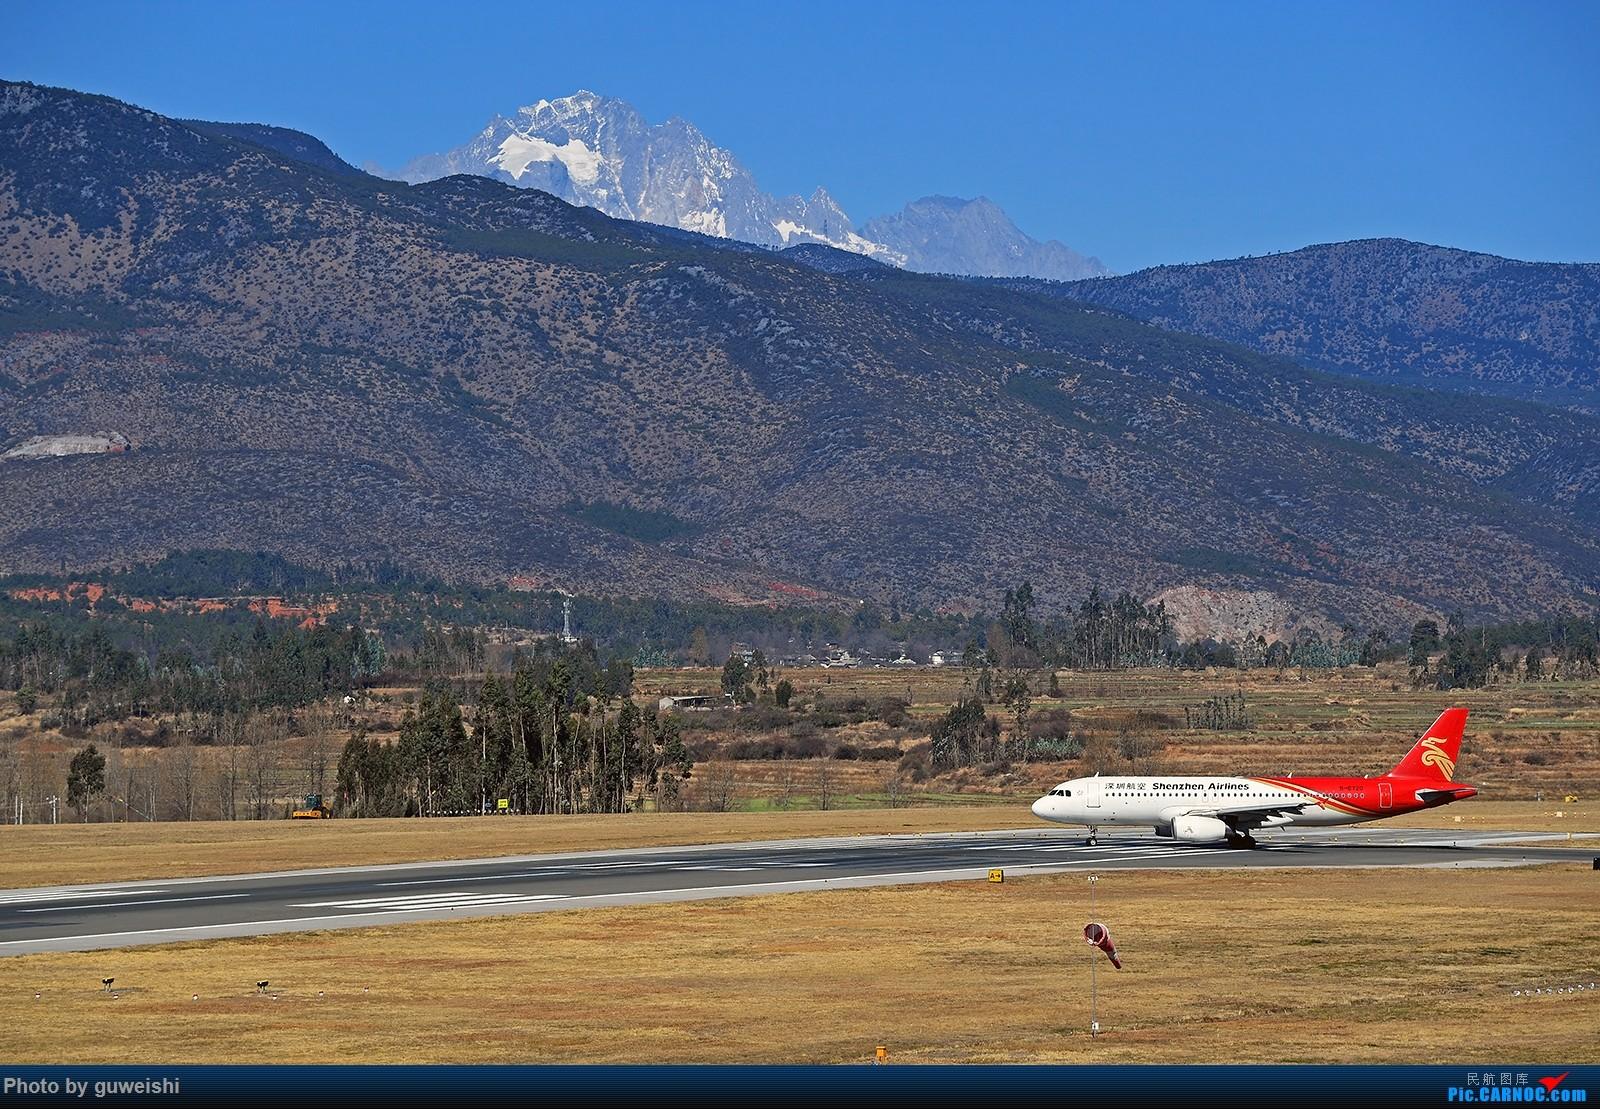 Re:[原创]【七彩天空】——雪山下的飞机,丽江三义半日拍    中国丽江三义机场